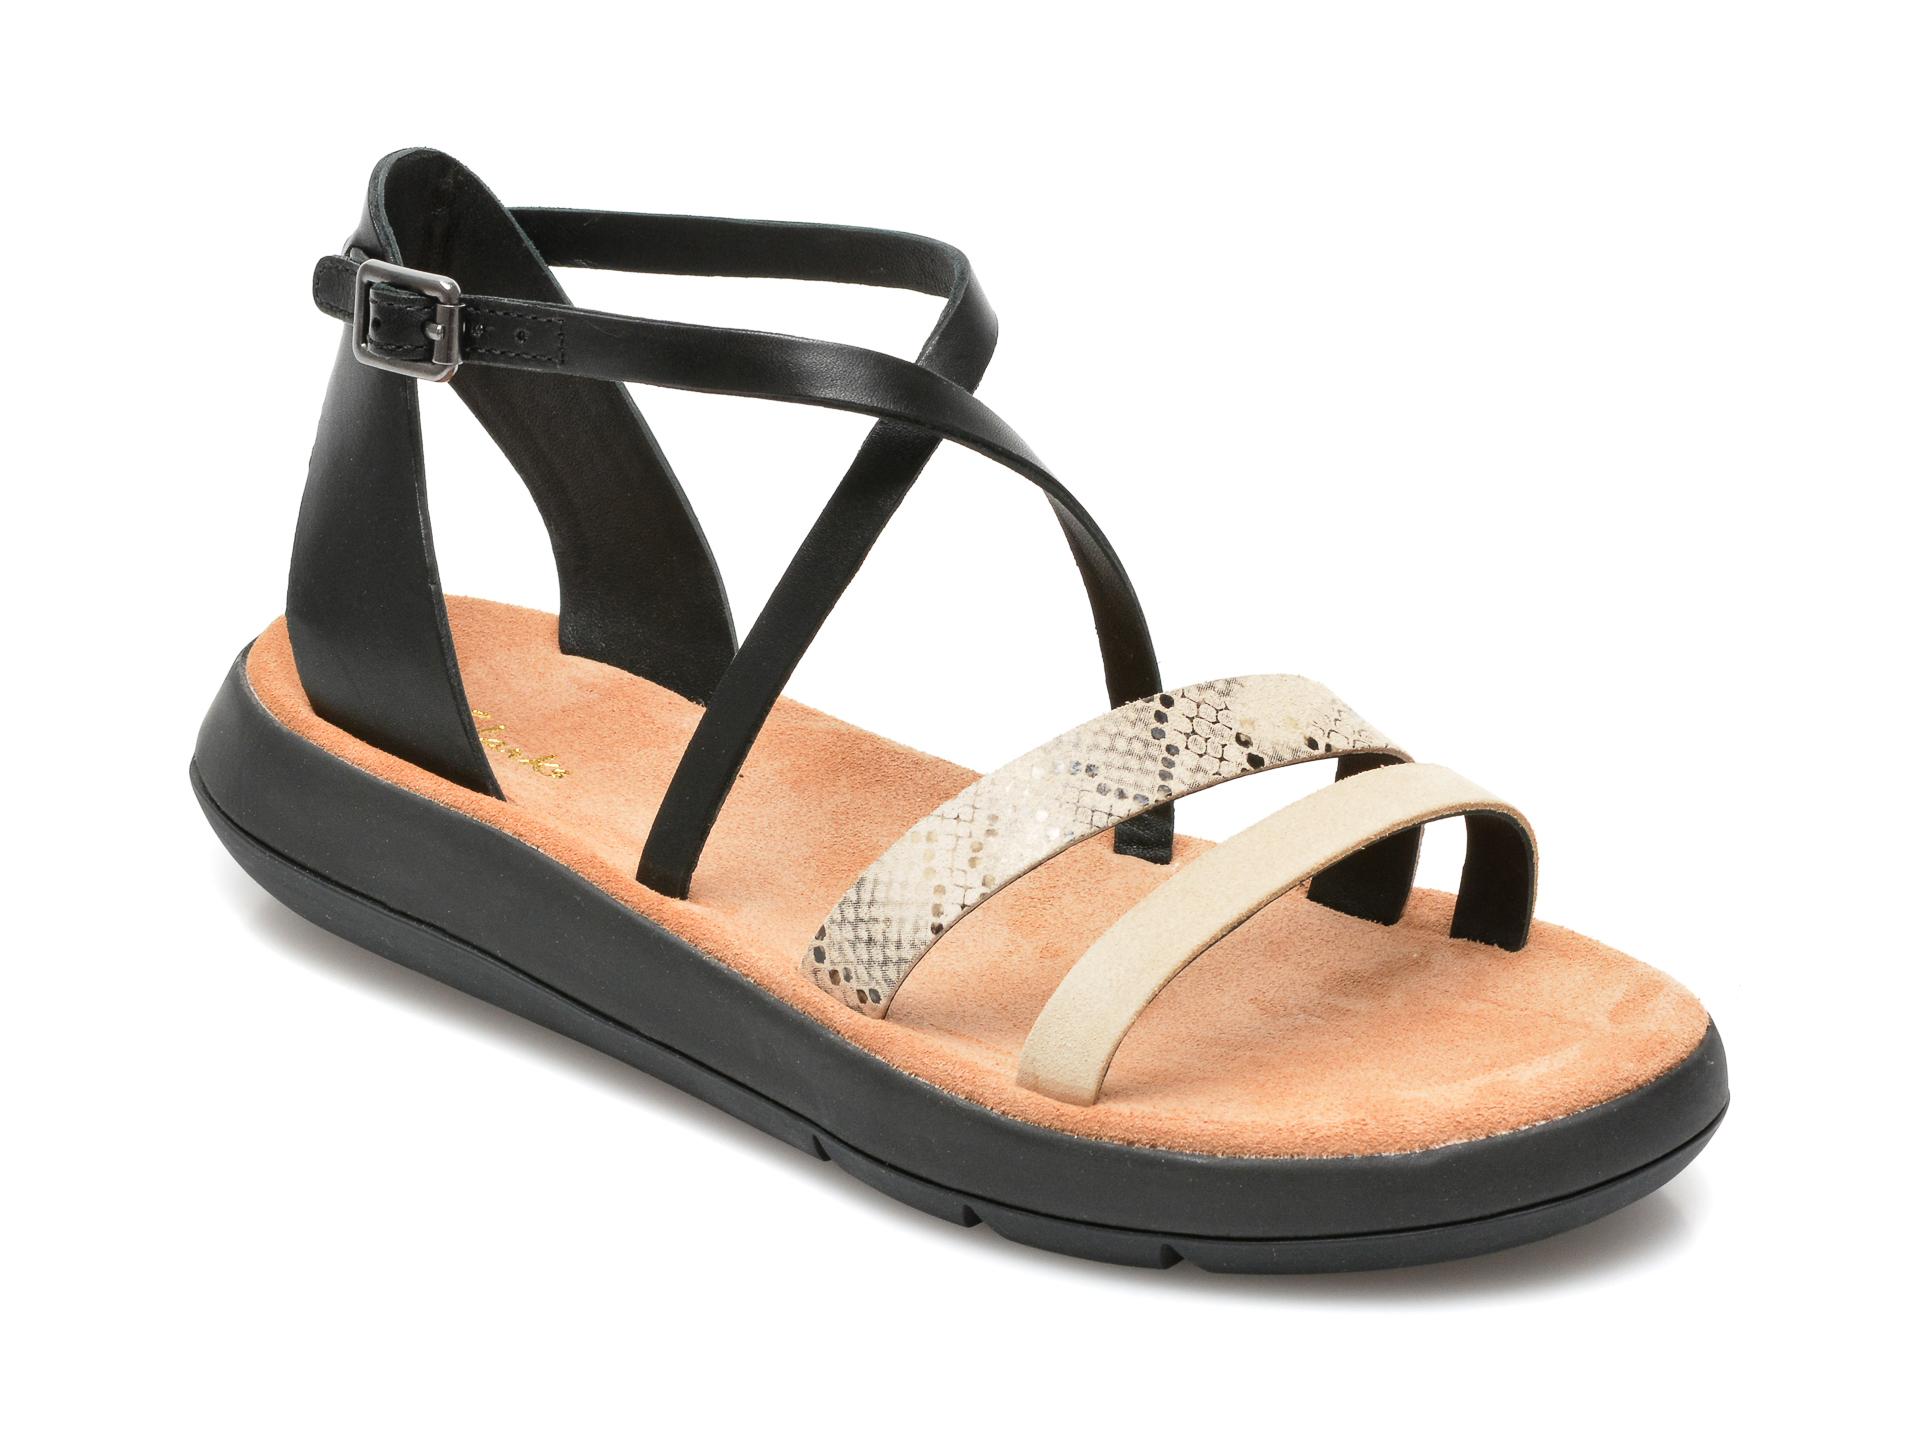 Sandale CLARKS nude, Deva Mae, din piele naturala